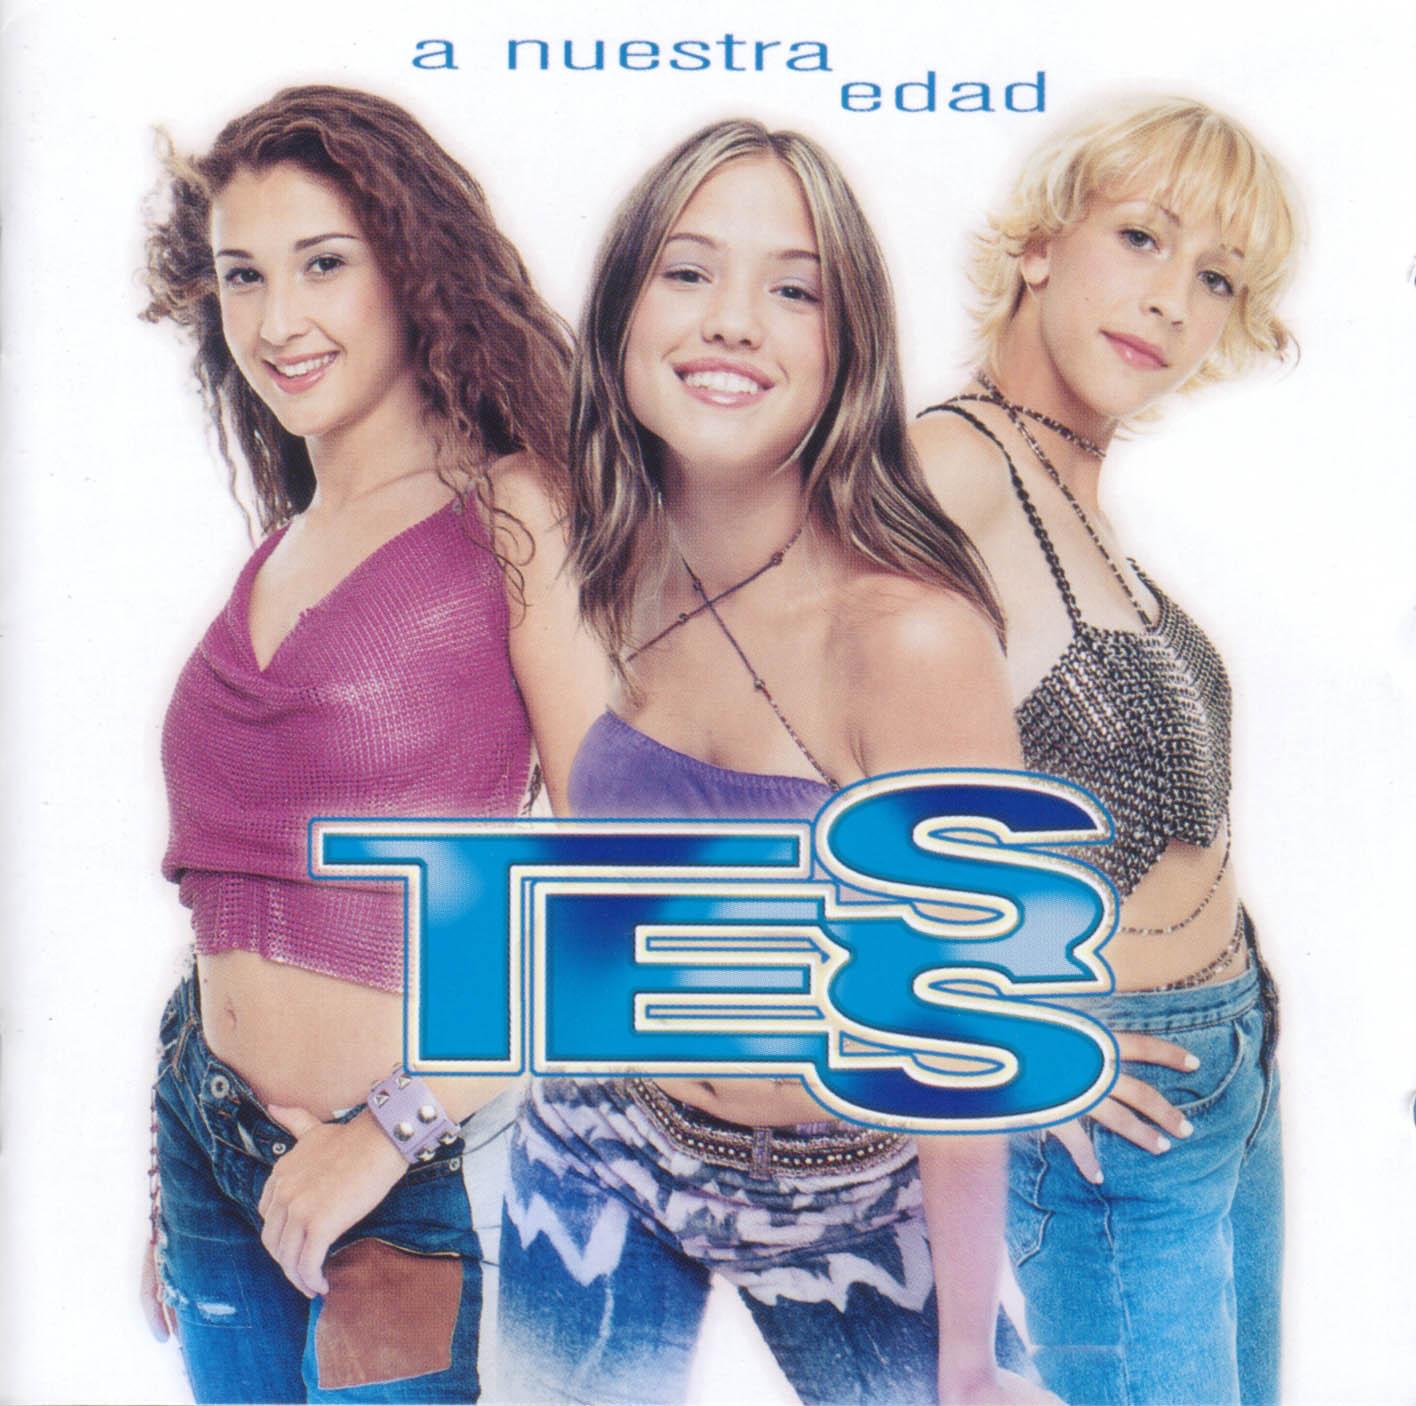 Tess-A_Nuestra_Edad-Frontal.jpg